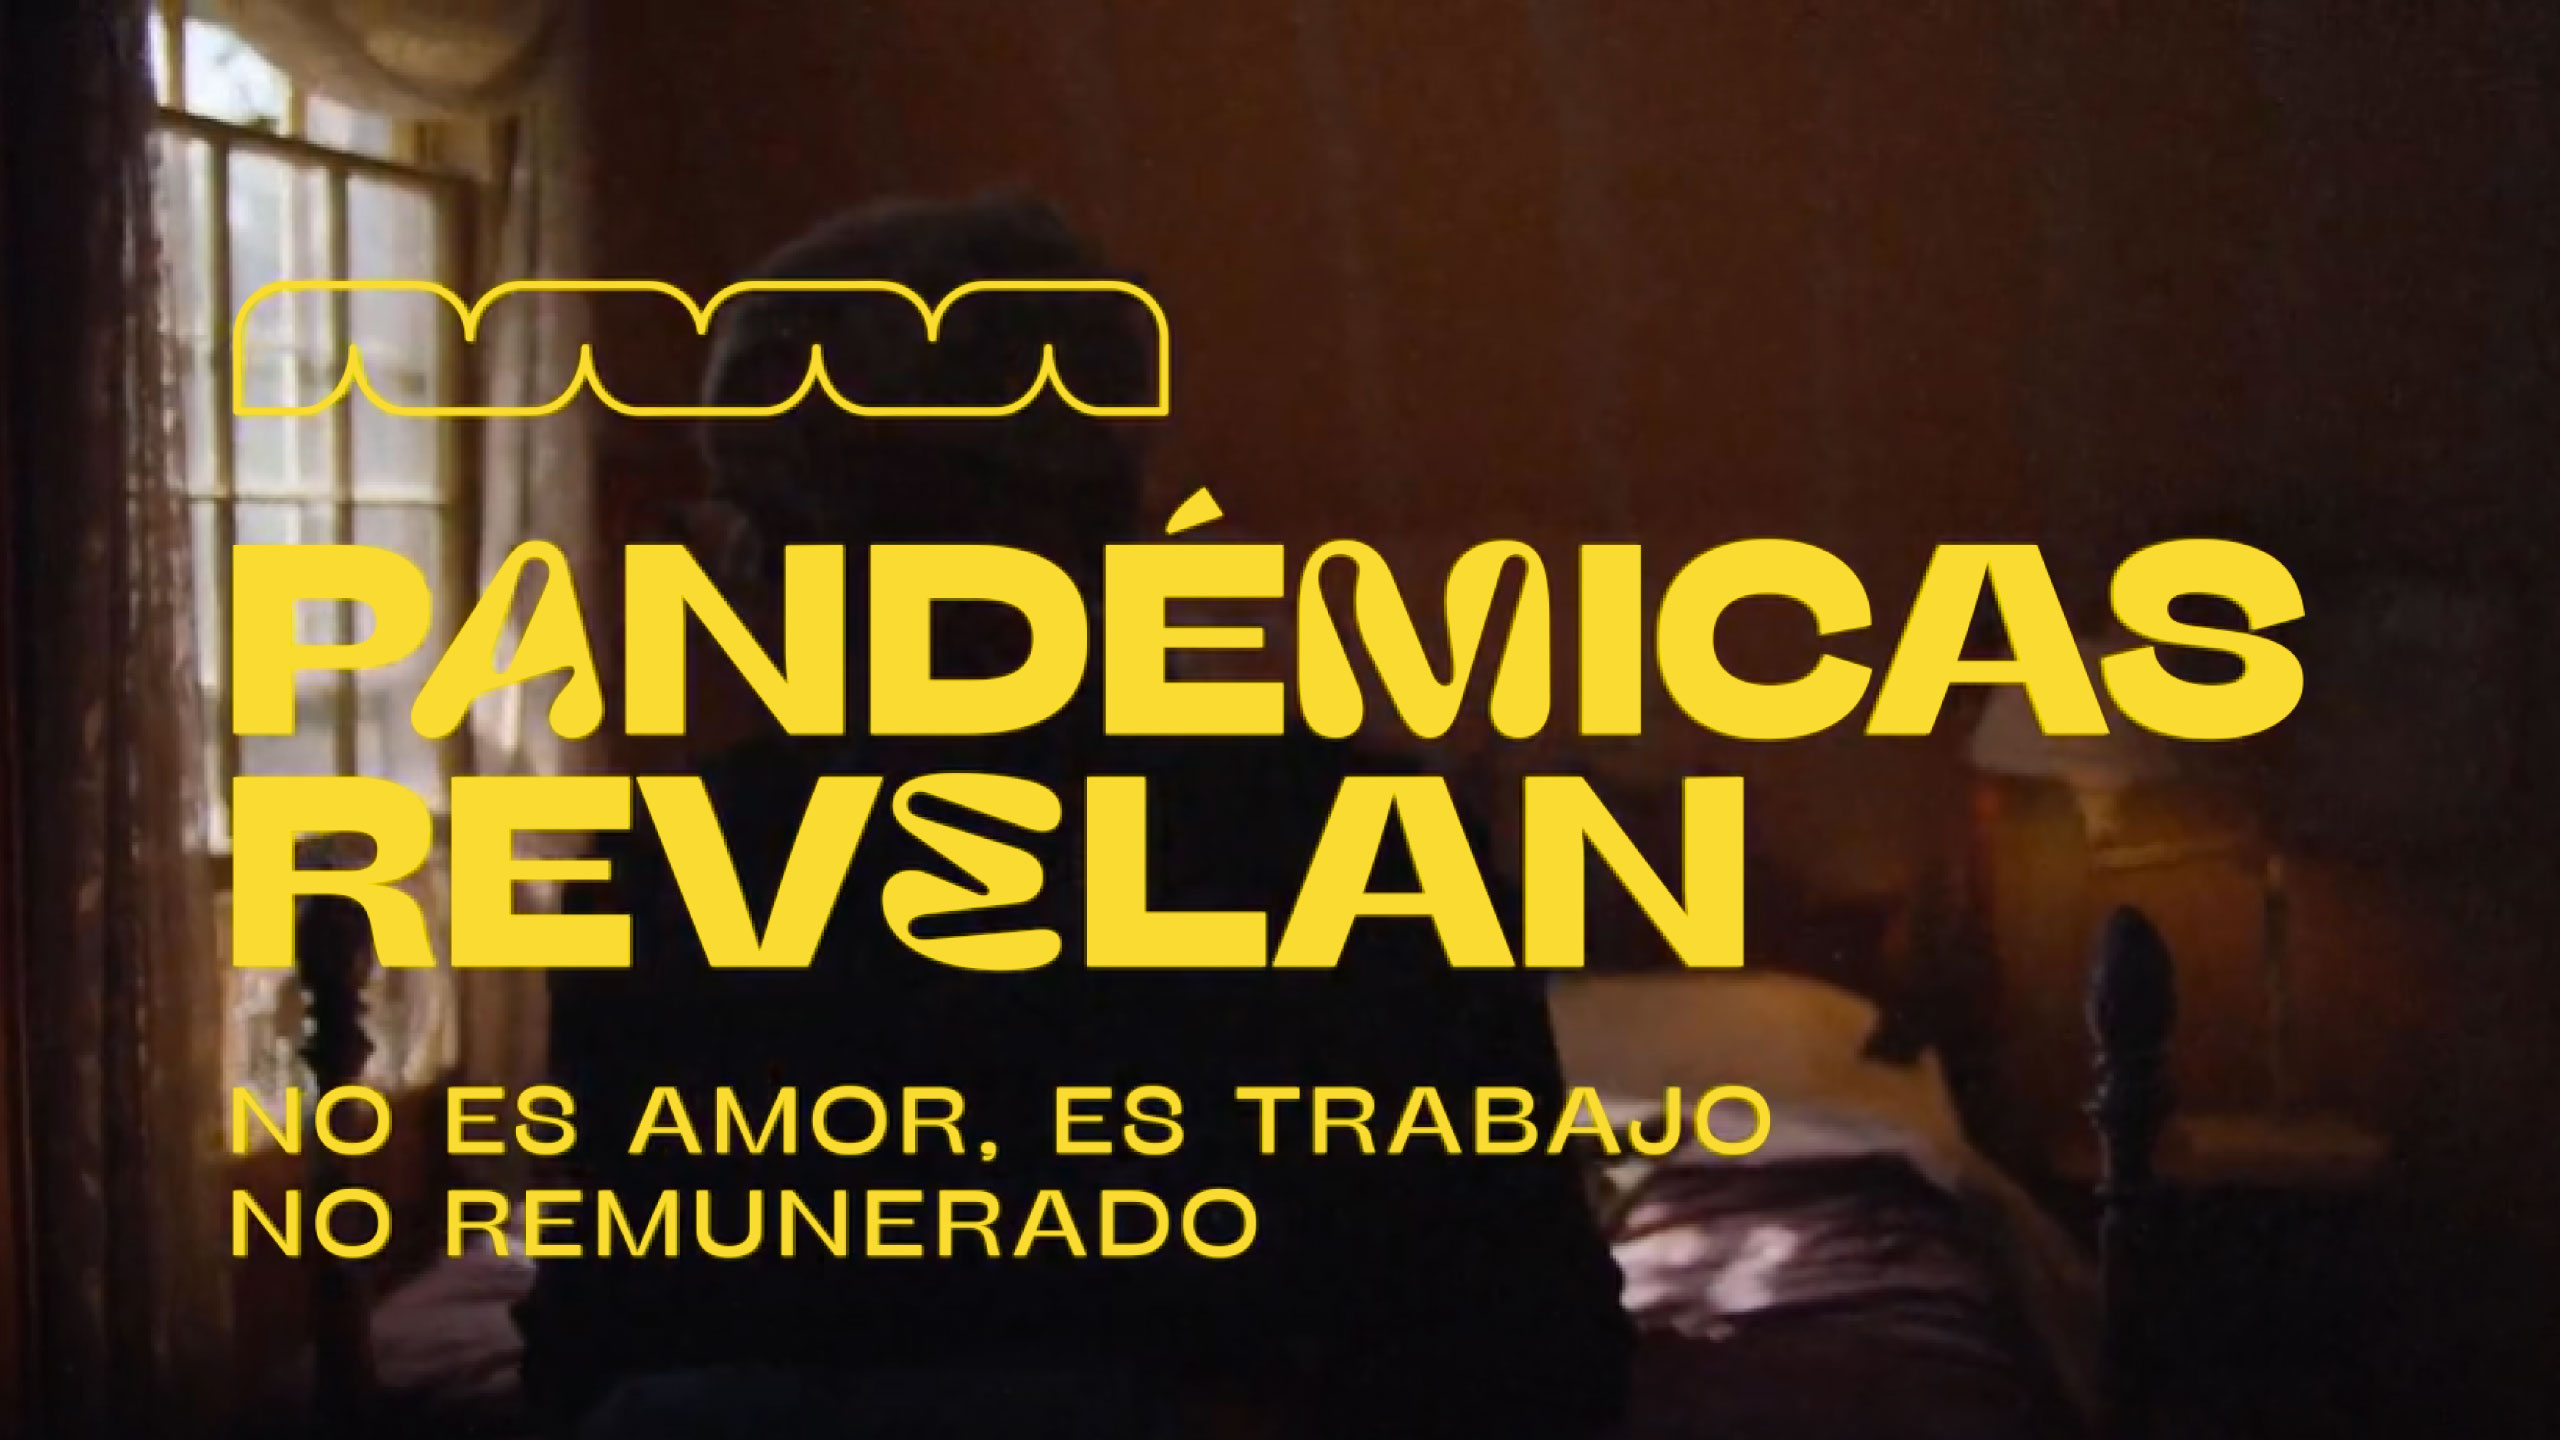 El primer capítulo de 'Pandémicas revelan': No es amor, es trabajo no remunerado